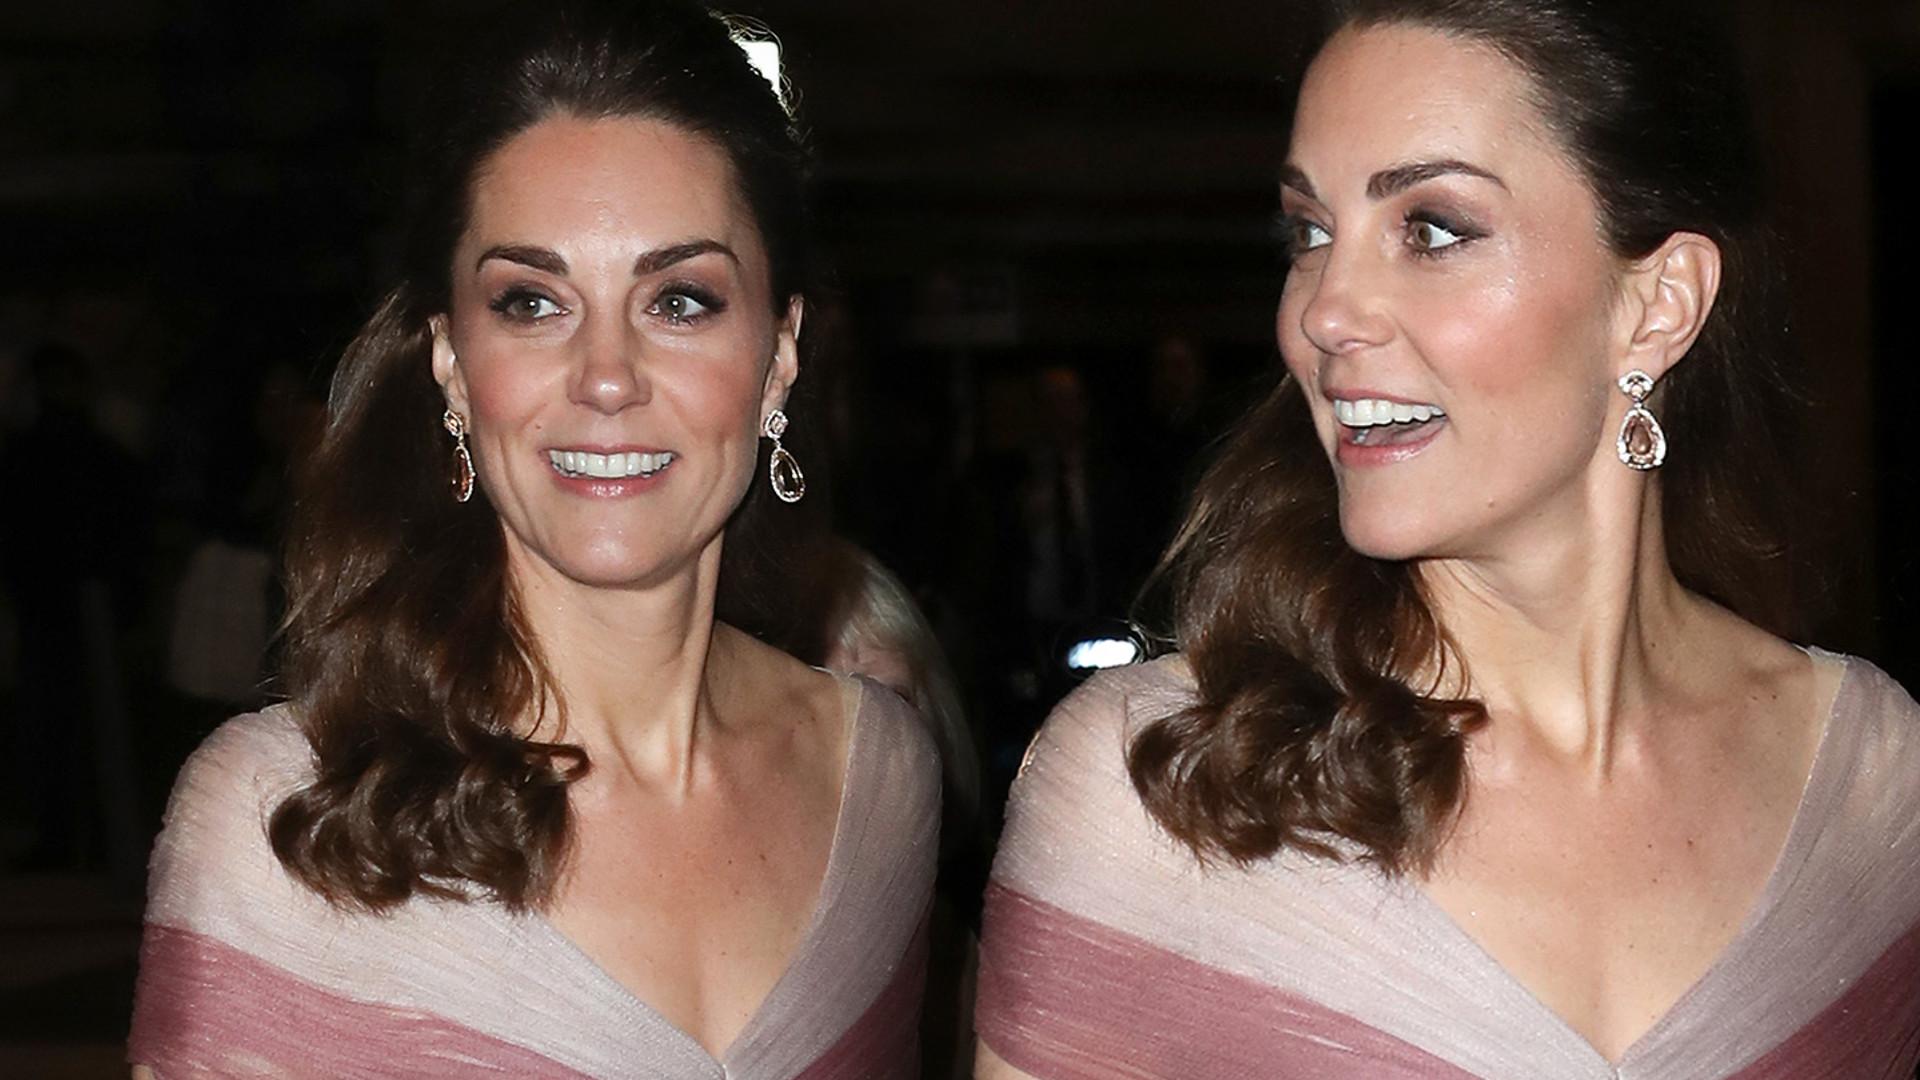 Księżna Kate BŁYSZCZAŁA na gali w kreacji od Gucci (ZDJĘCIA)